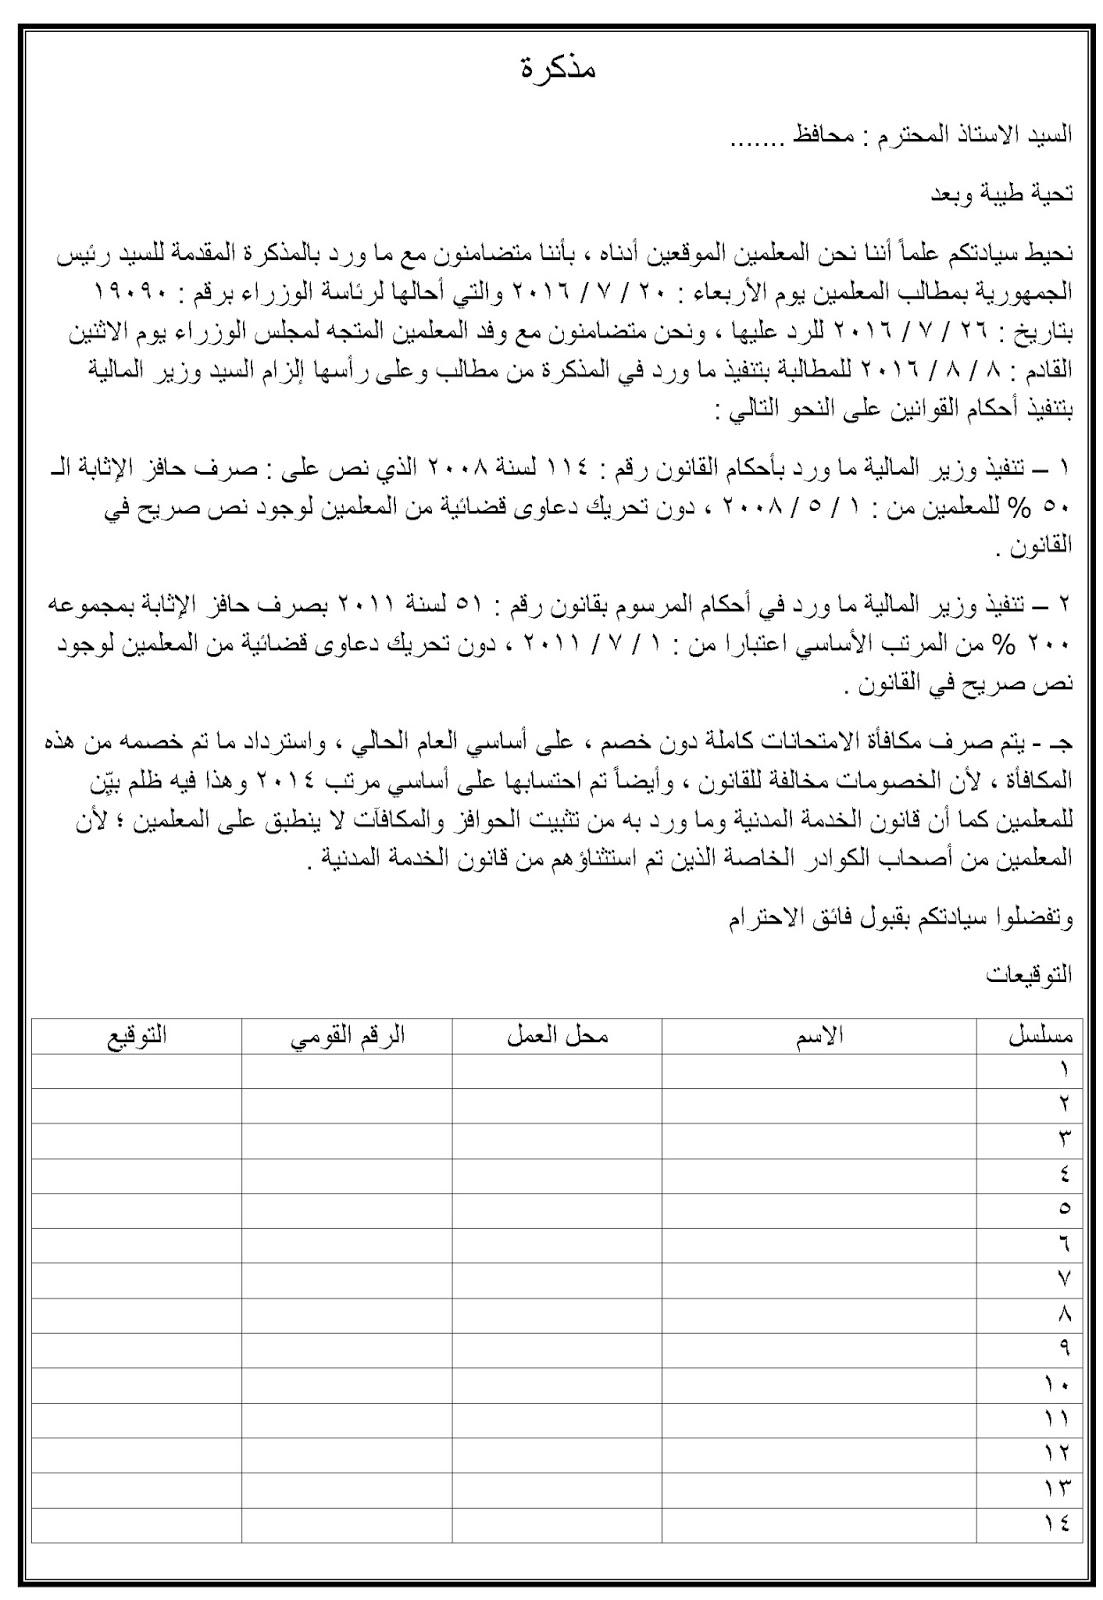 زهران : يوم 8 / 8 / 2016 هو يوم المعلمين للمطالبة بحقوقهم تابع التفاصيل وحمل المذكرة